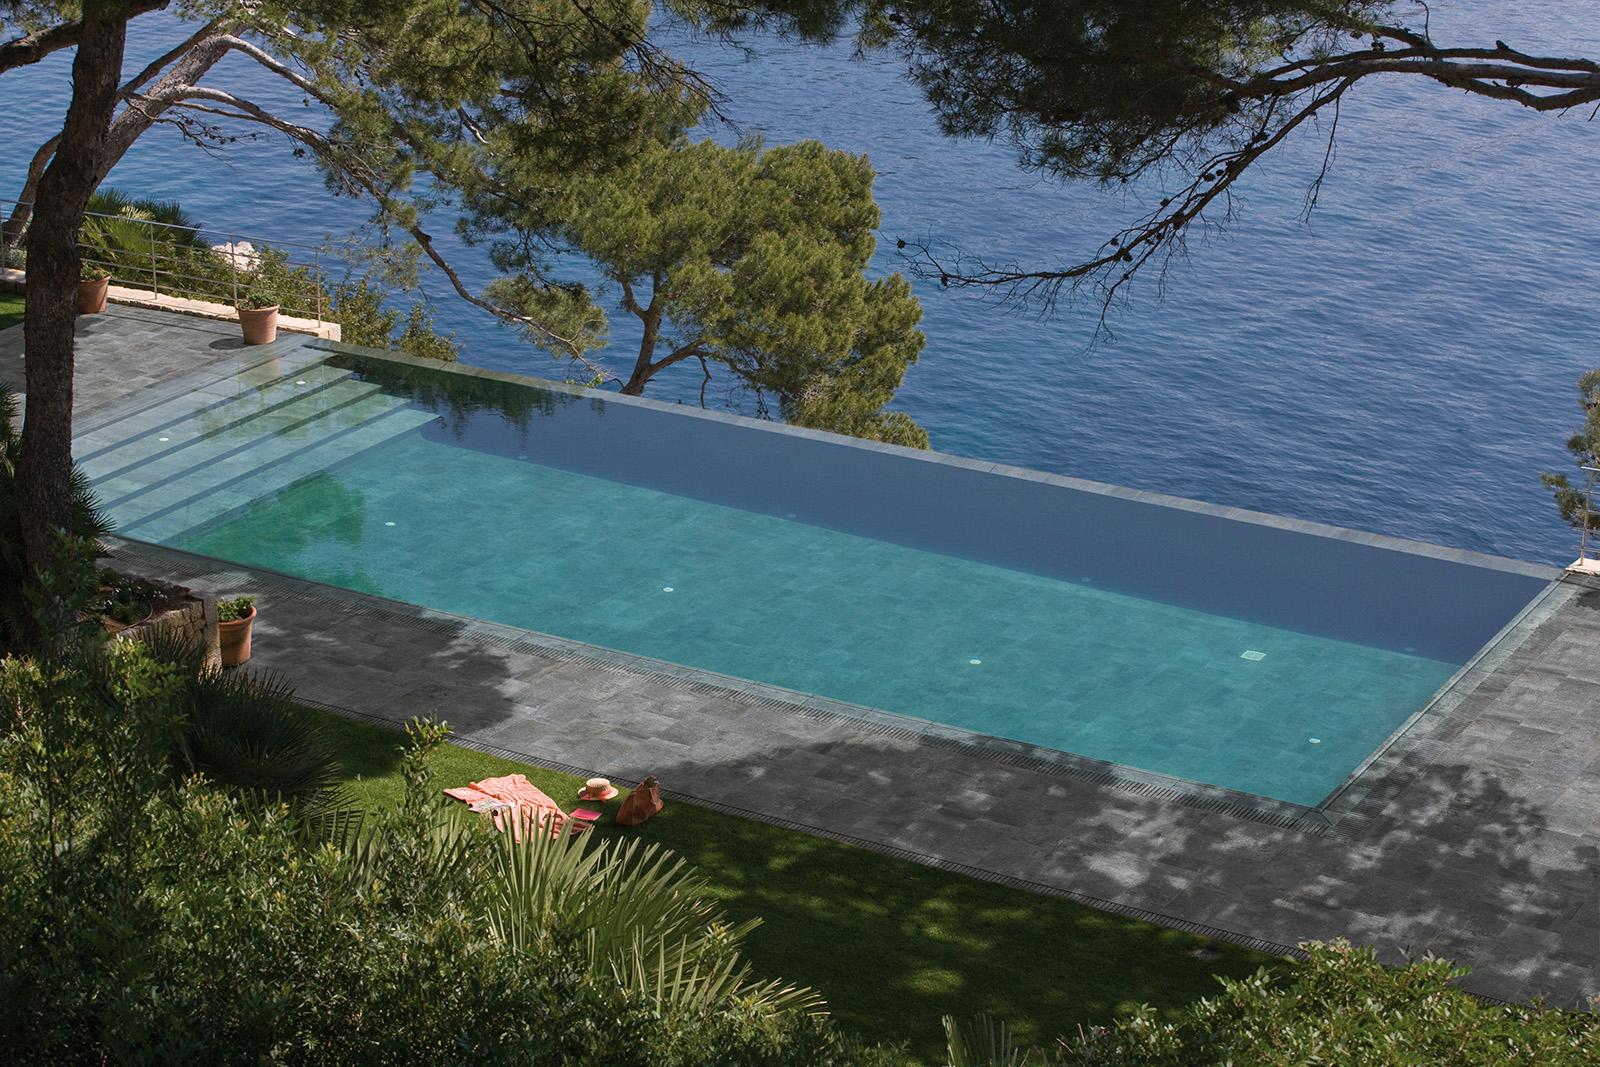 Διαμόρφωση εξωτερικού χώρου πισίνας